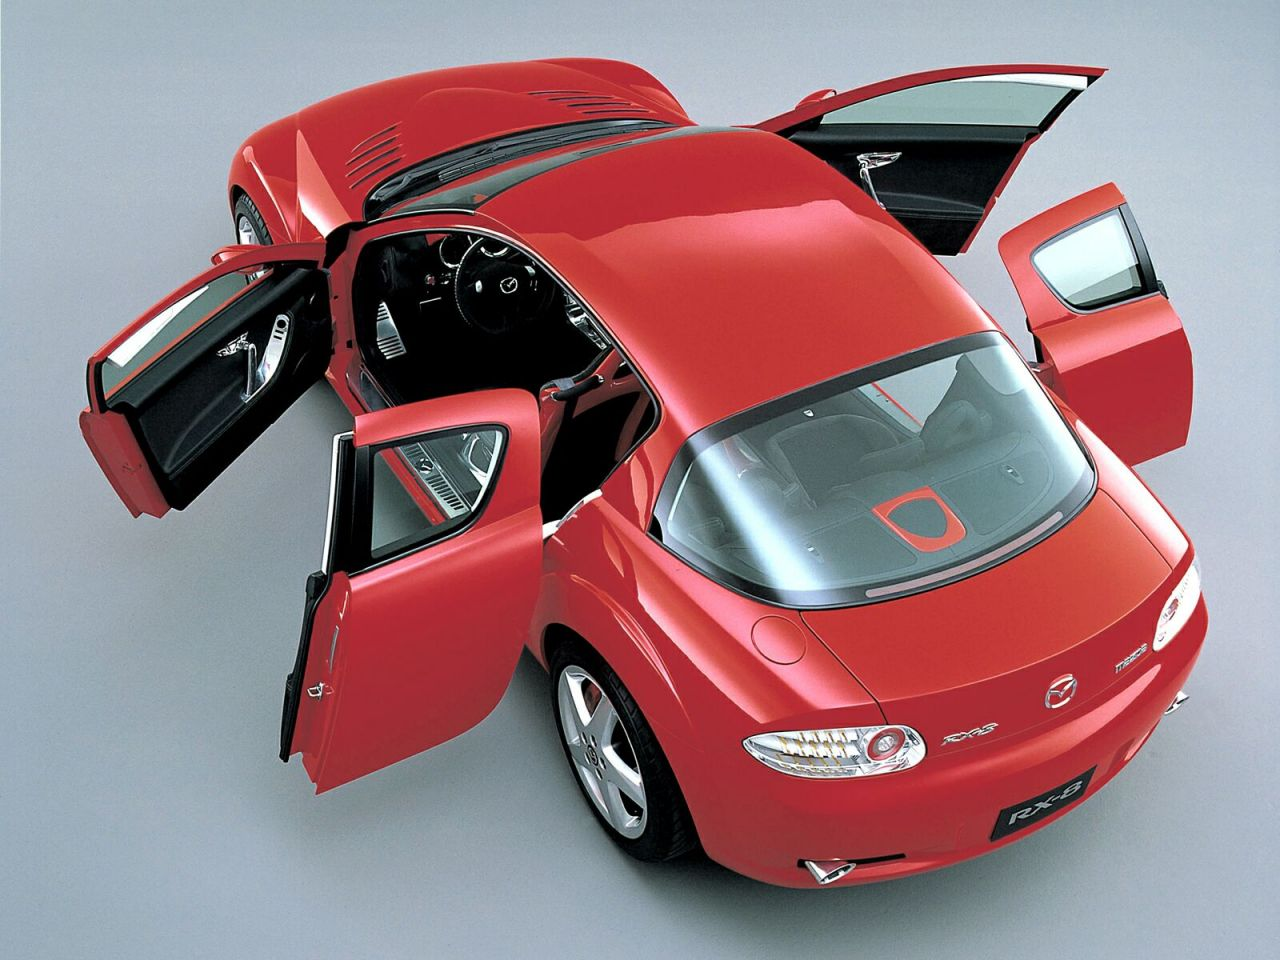 Mazda Rx8 Top View Doors Open Wallpaper 1280x960